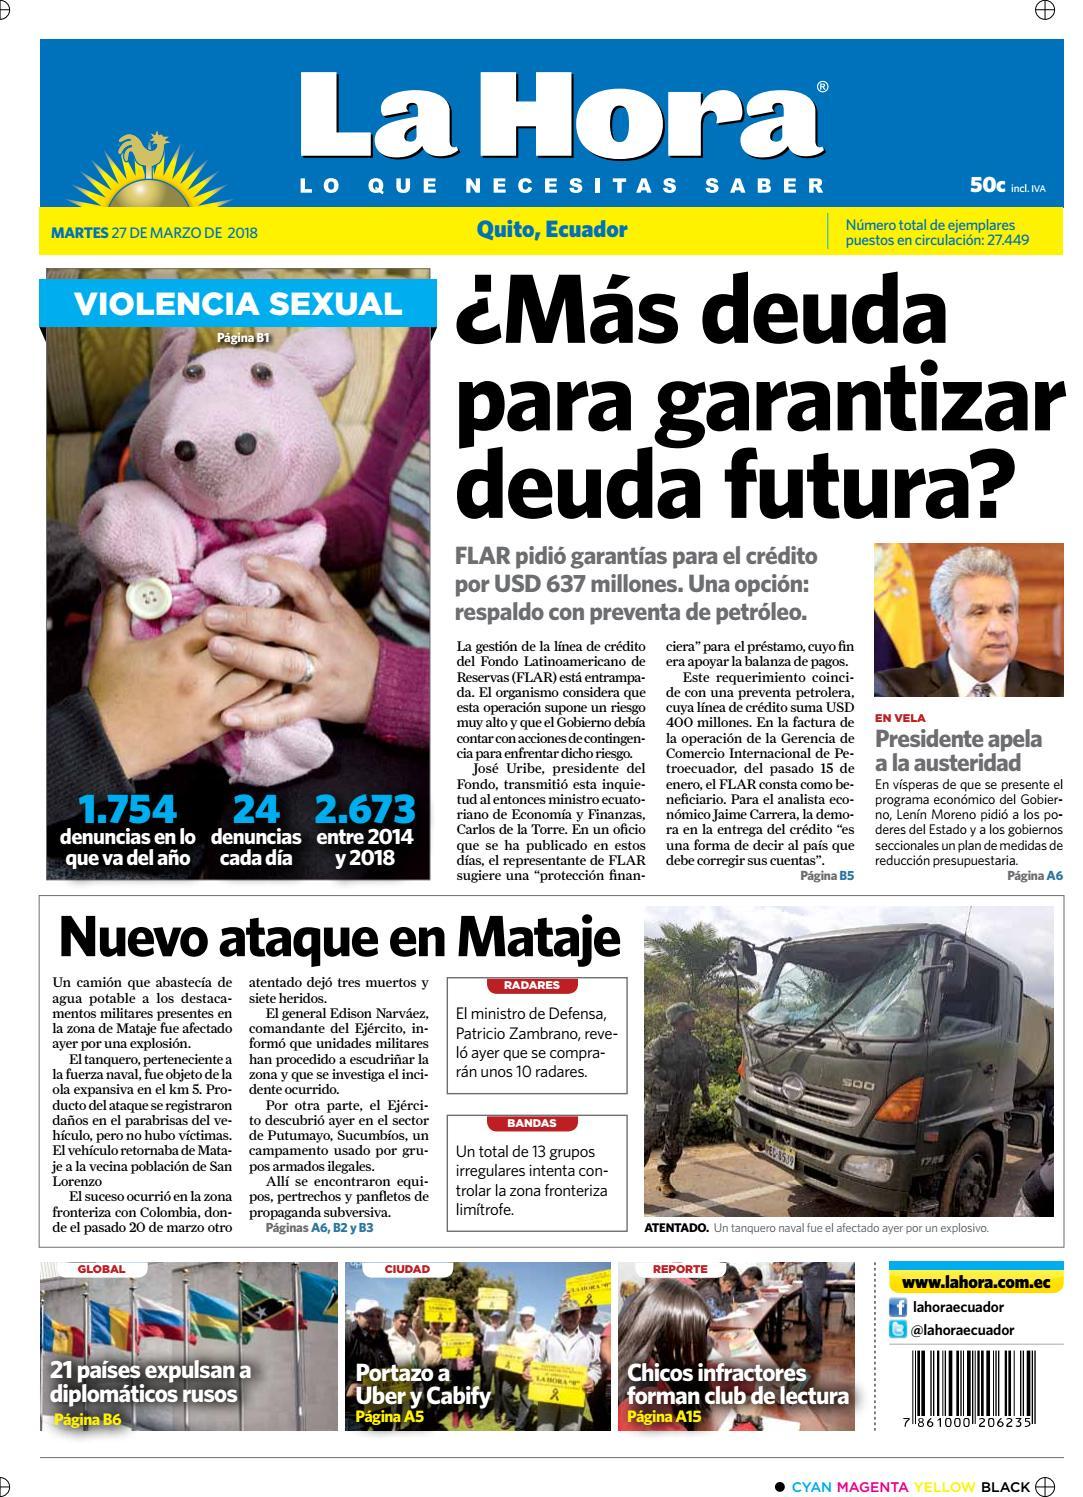 Actriz Porno Daniela Morochola quito 27 de marzo de 2018la hora ecuador - issuu